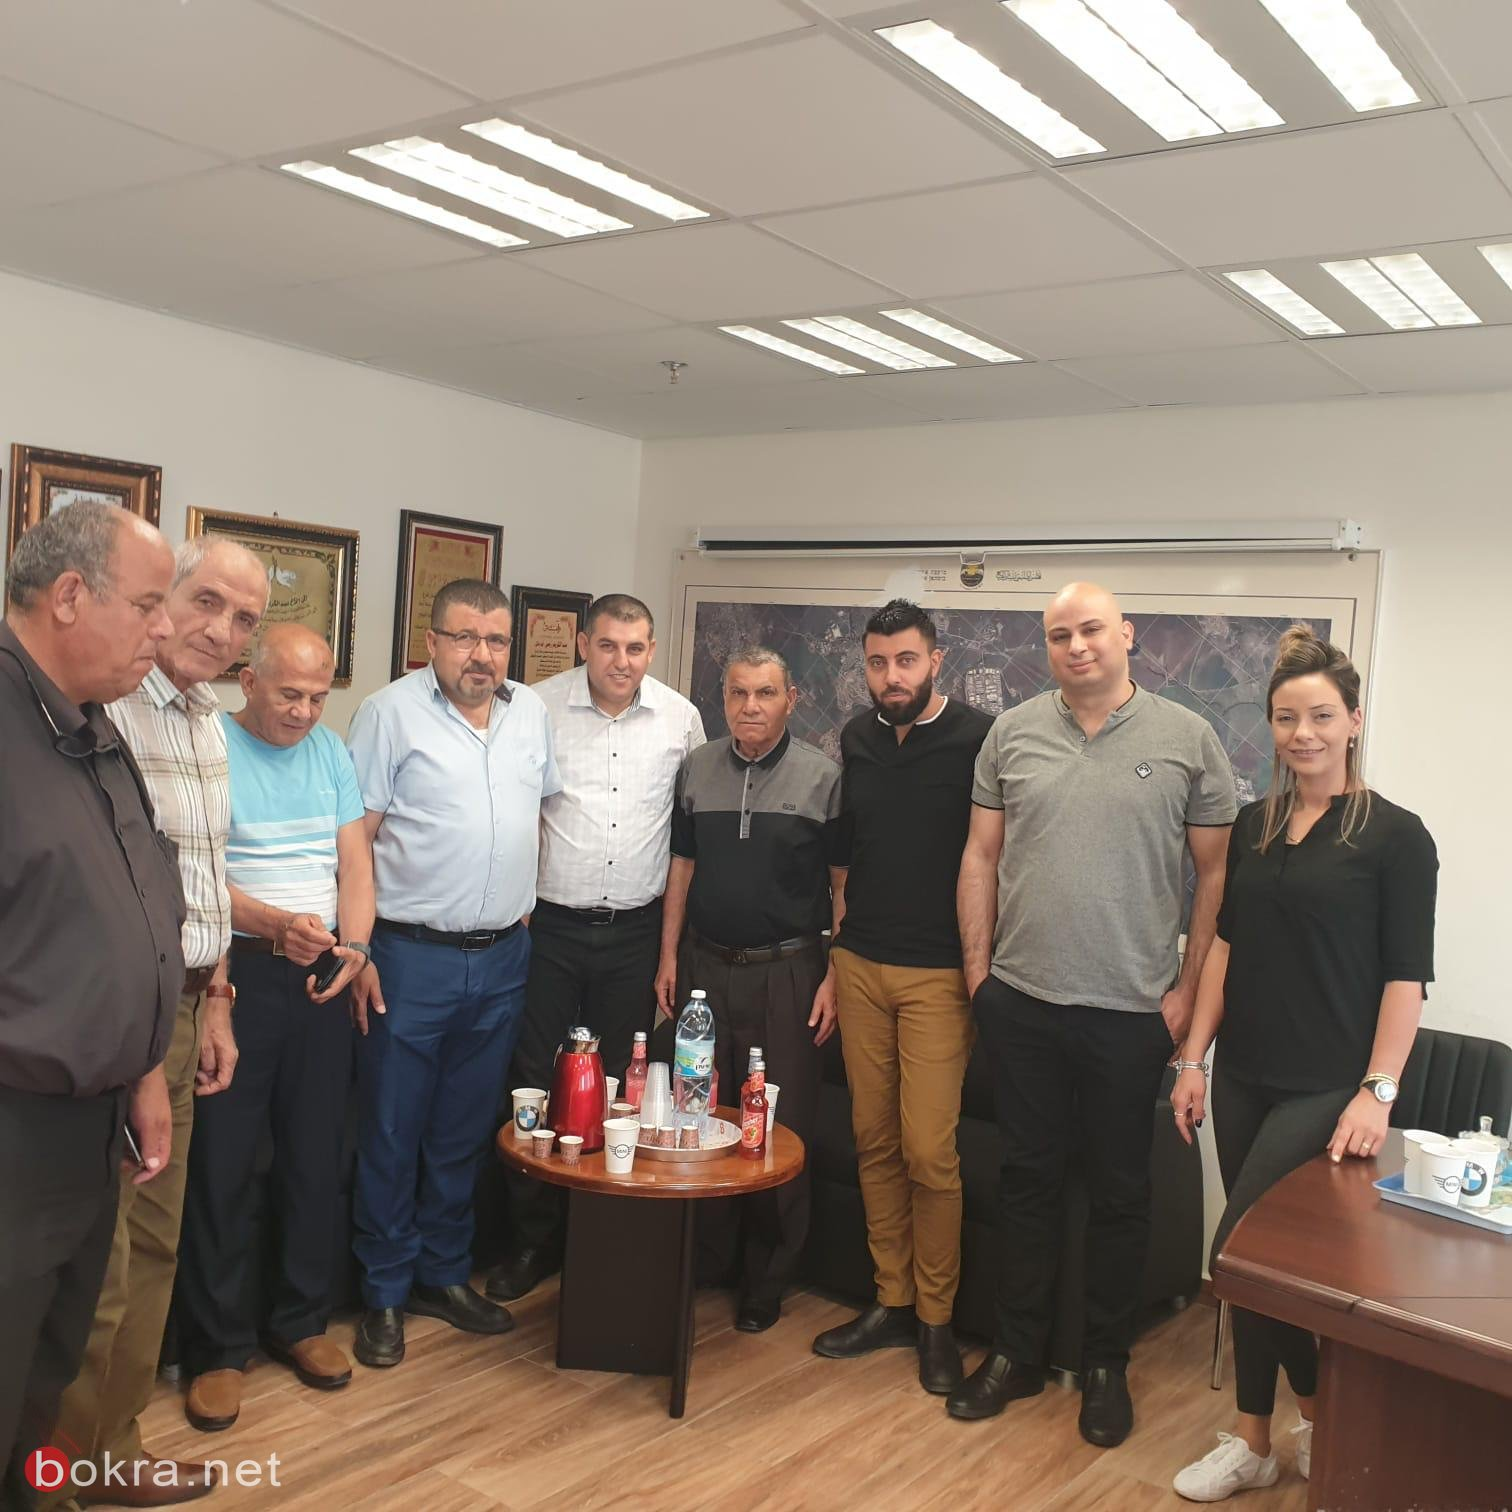 بستان المرج : مدير التأمين الوطني حسام ابو بكر فرع العفولة والمروج يزور المجلس لجلسة عمل.